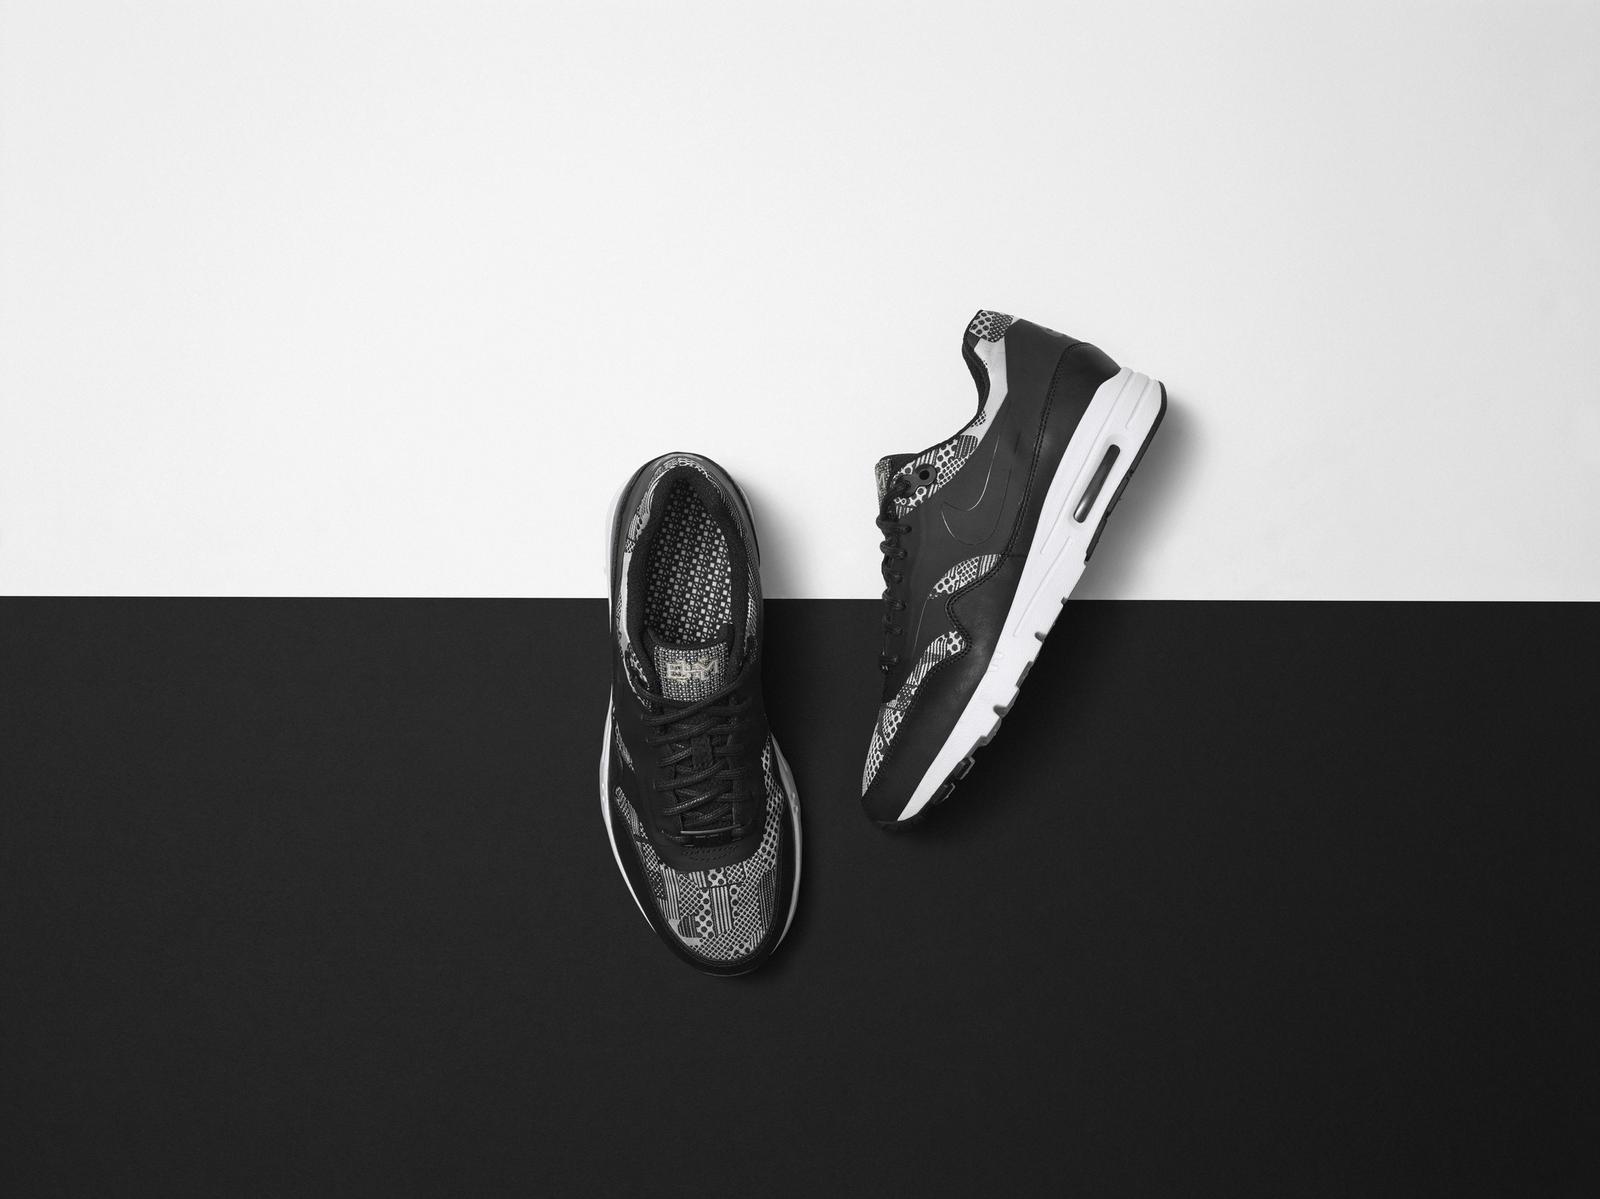 Nike_SP15_BHM_FTWR_WMNS_AMX1_Final